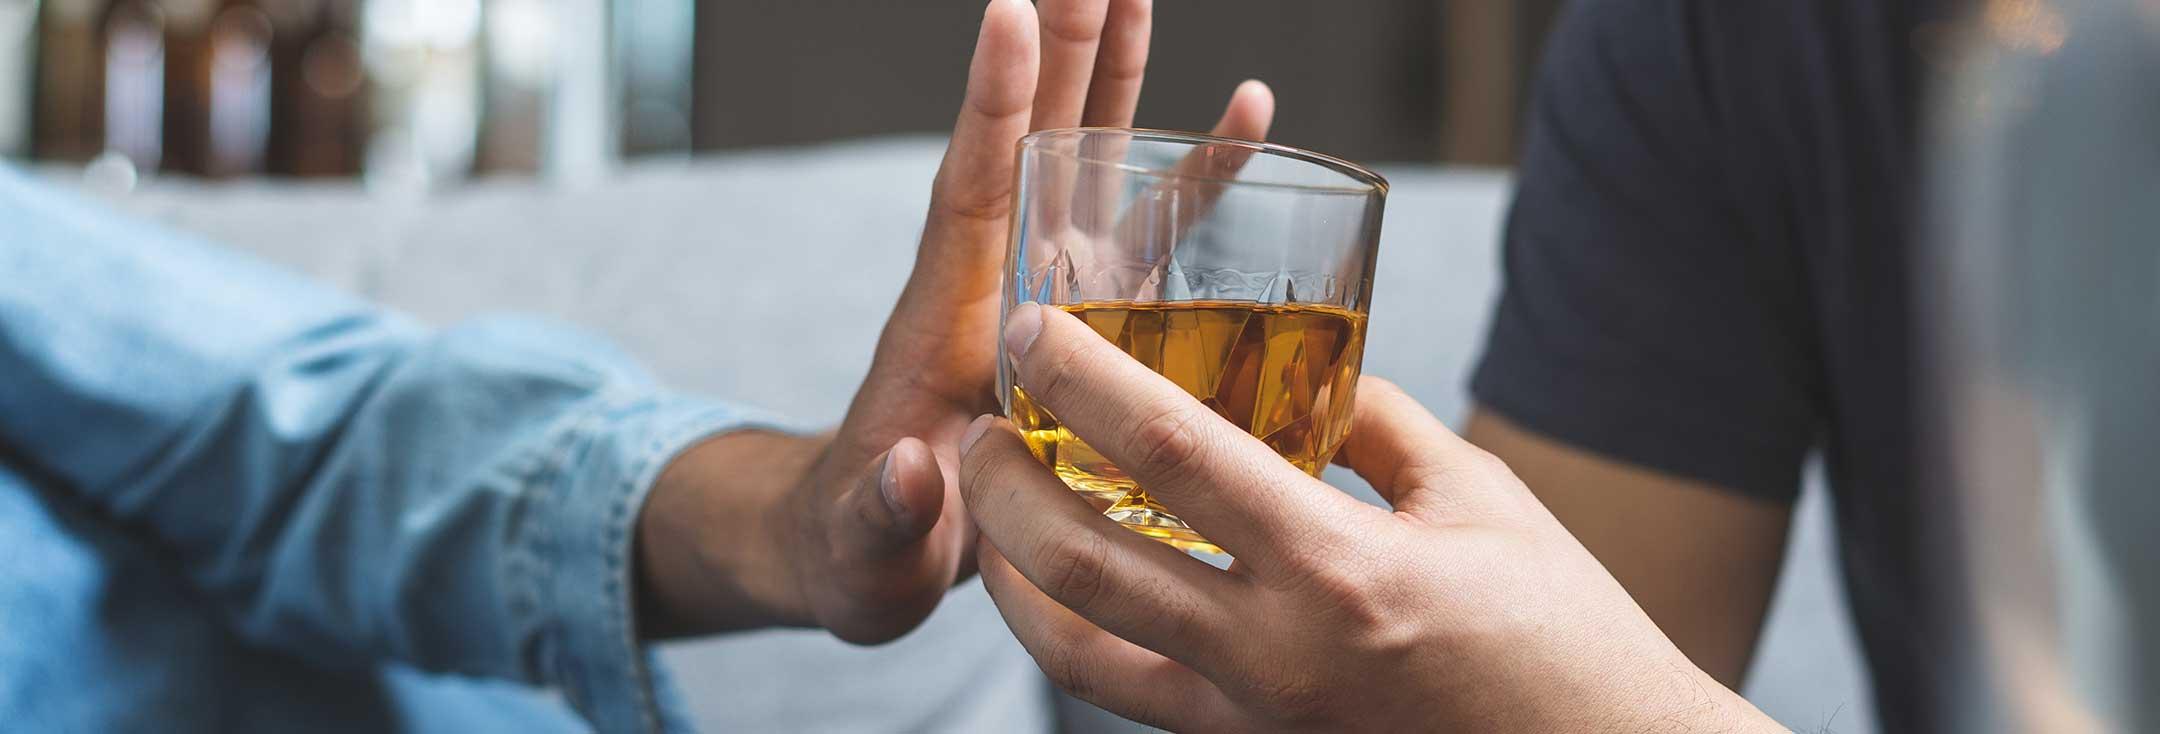 3 choses à savoir sur le taux d'alcoolémie